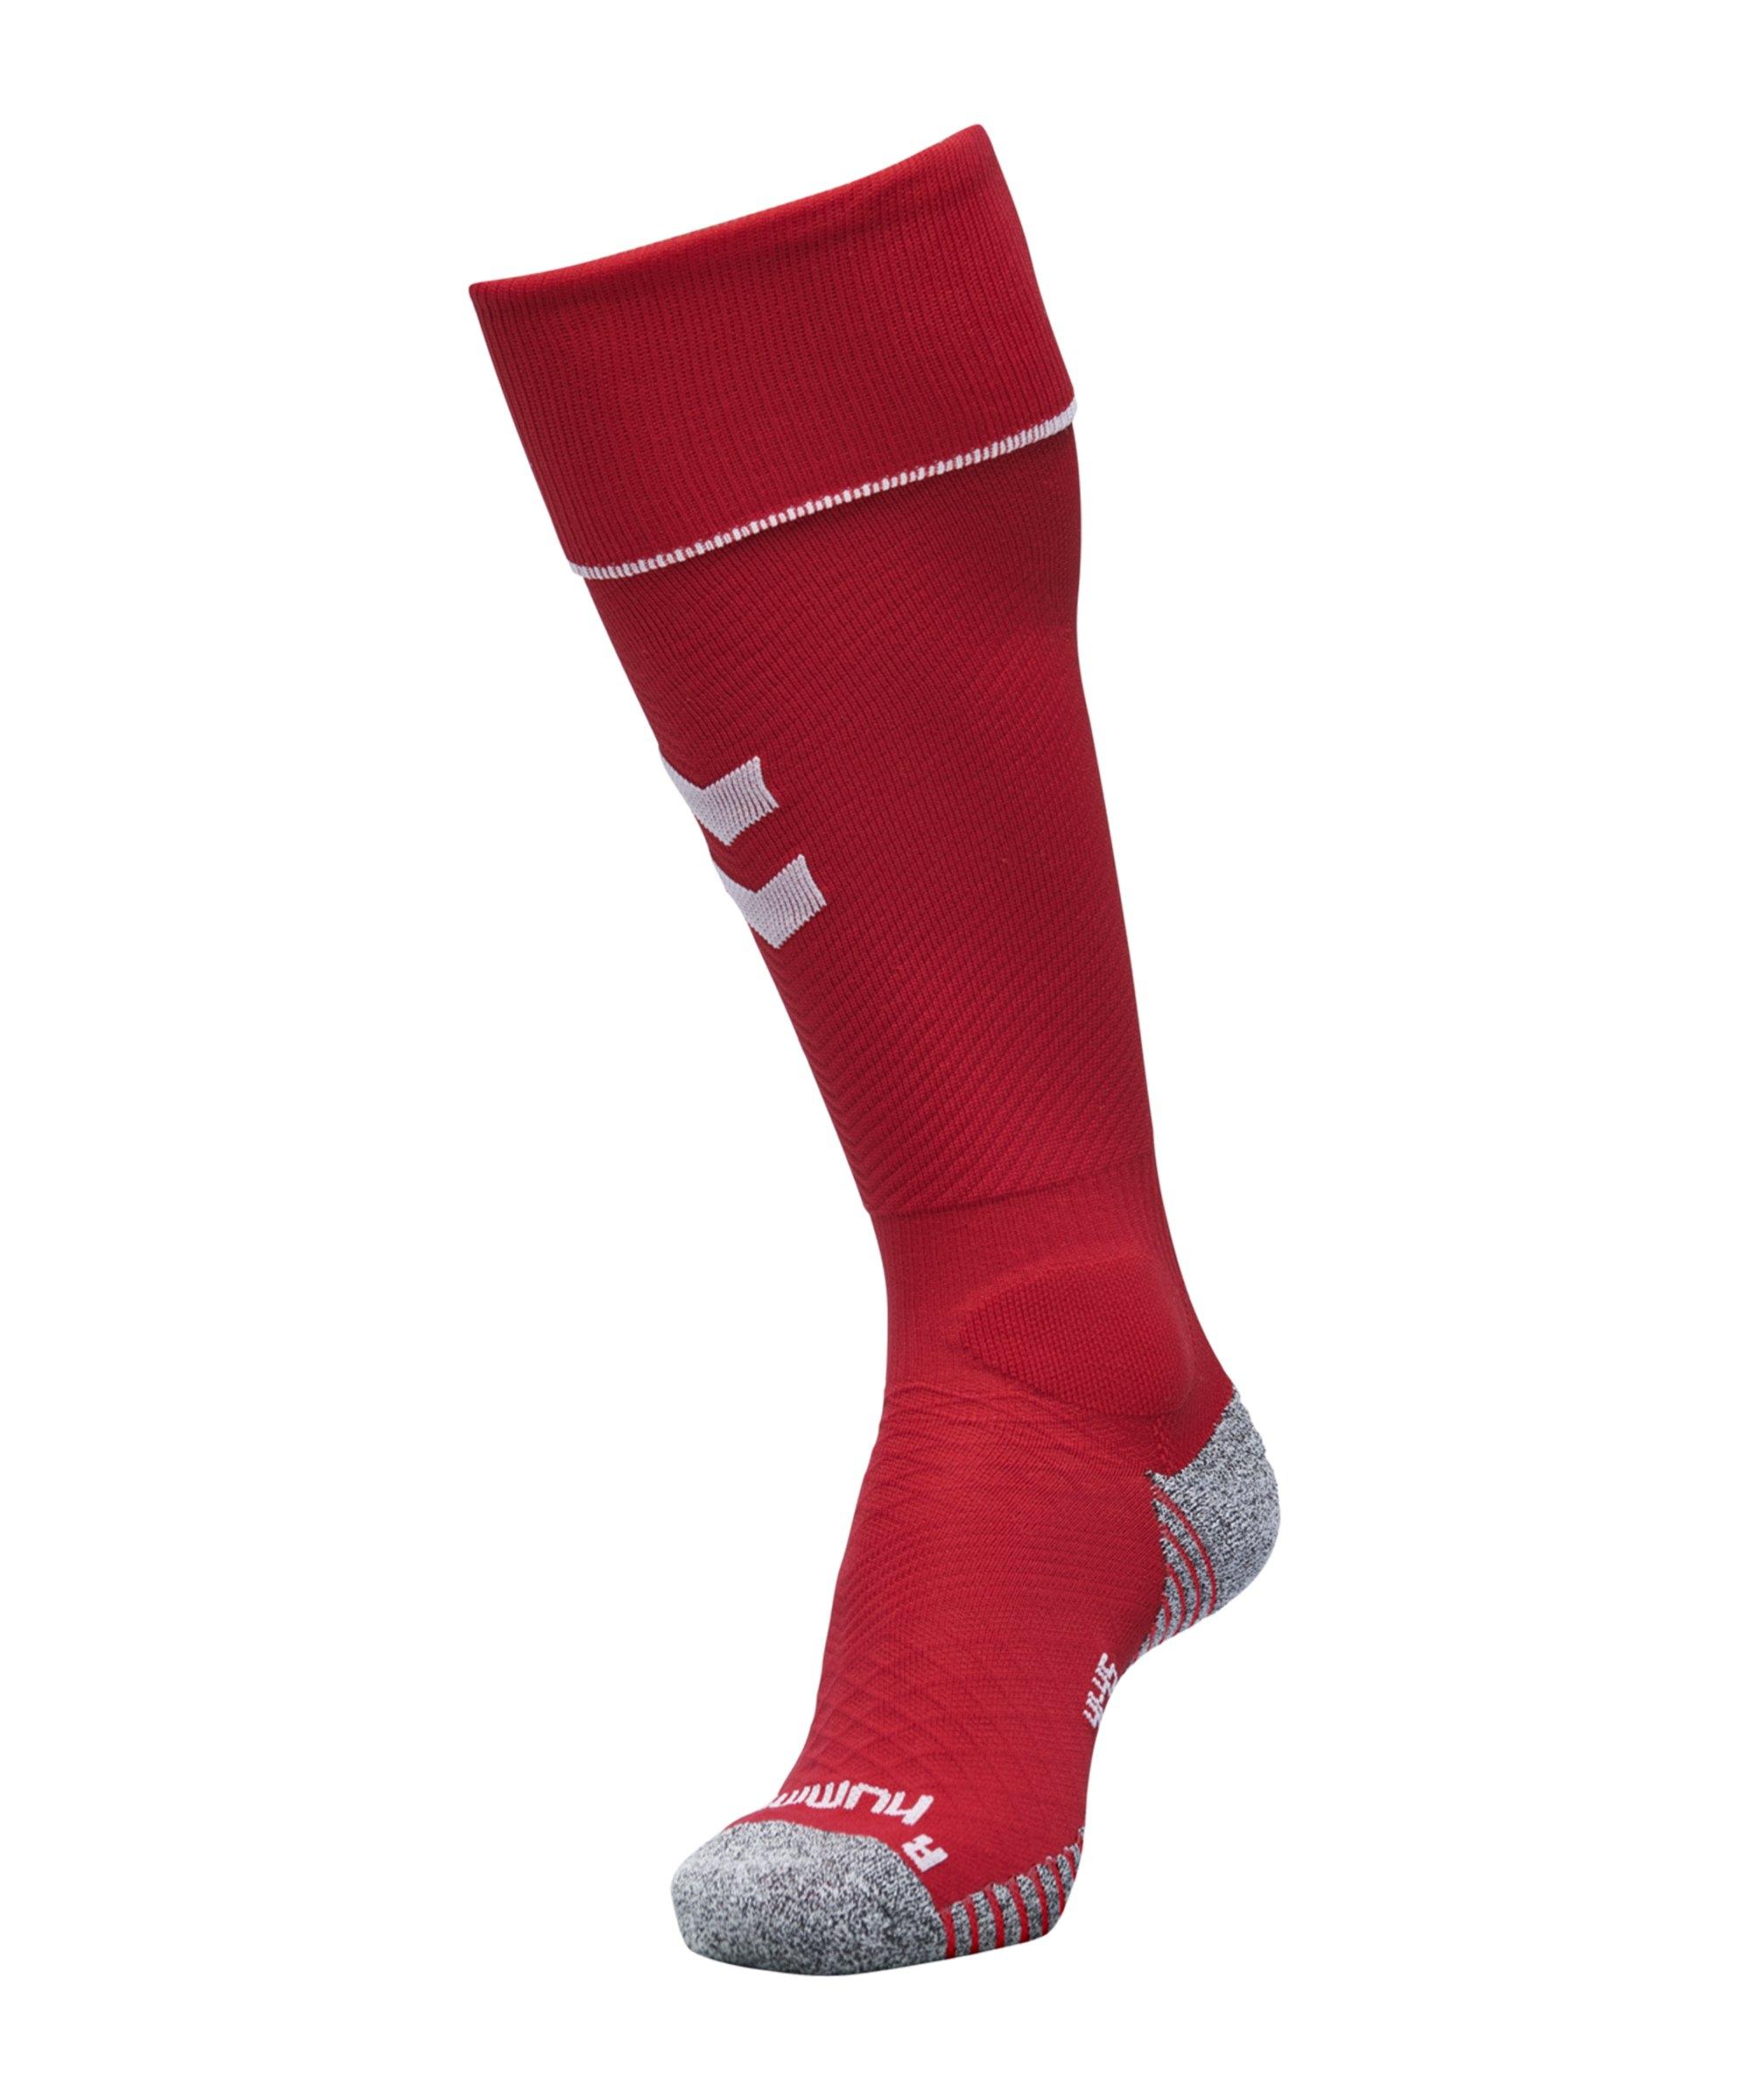 Hummel Pro Football Sock Socken Rot F3946 - Rot